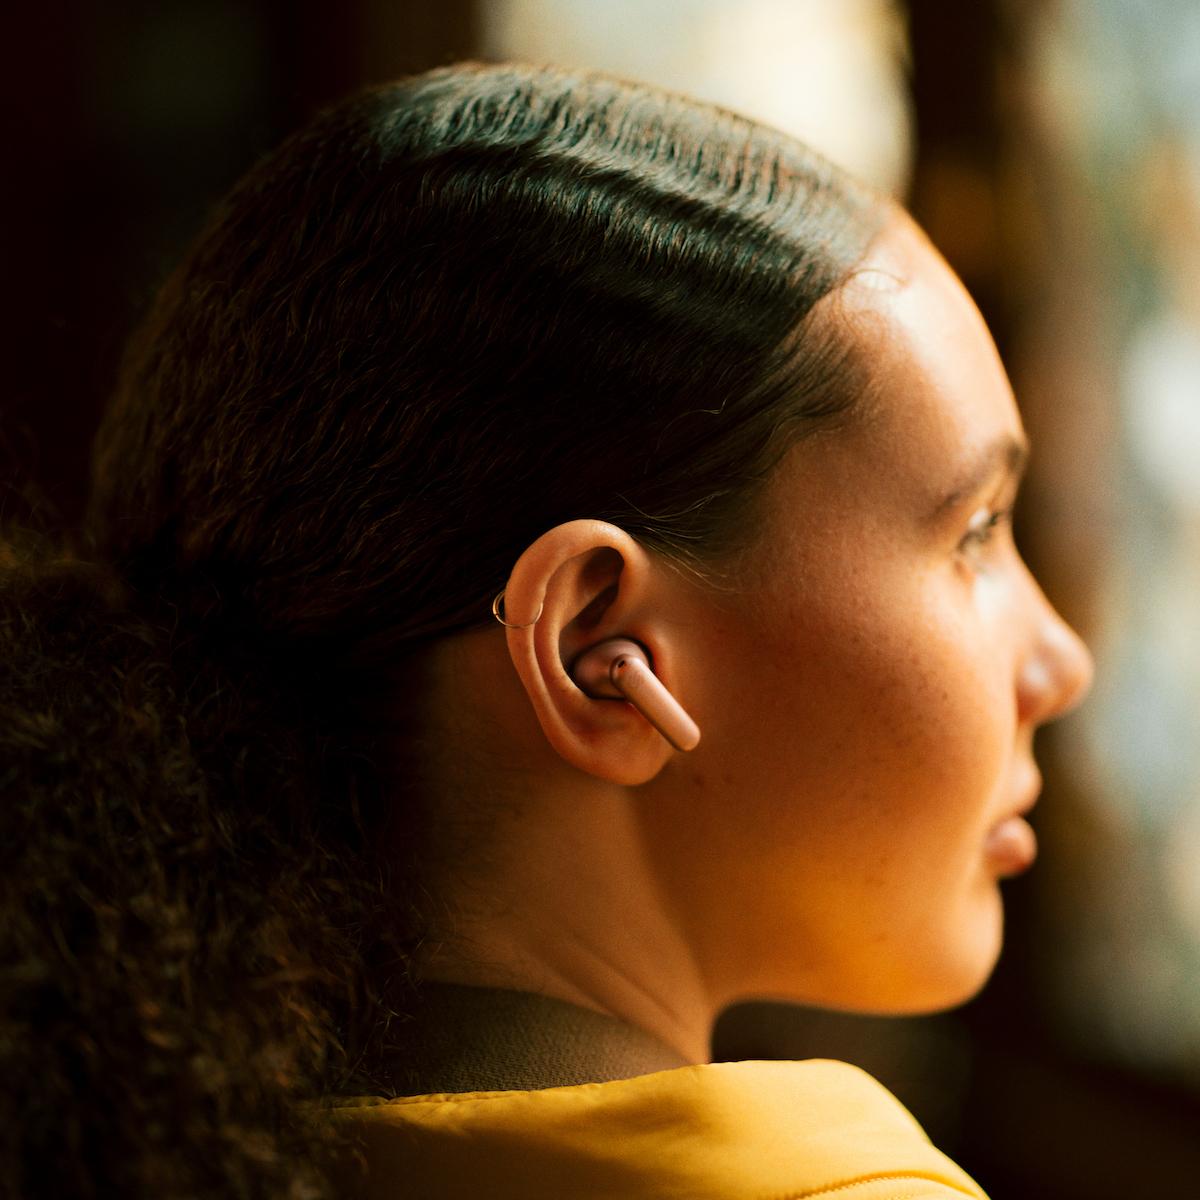 Los auriculares inalámbricos de Urbanista, modelo London, hacen la vida más fácil.